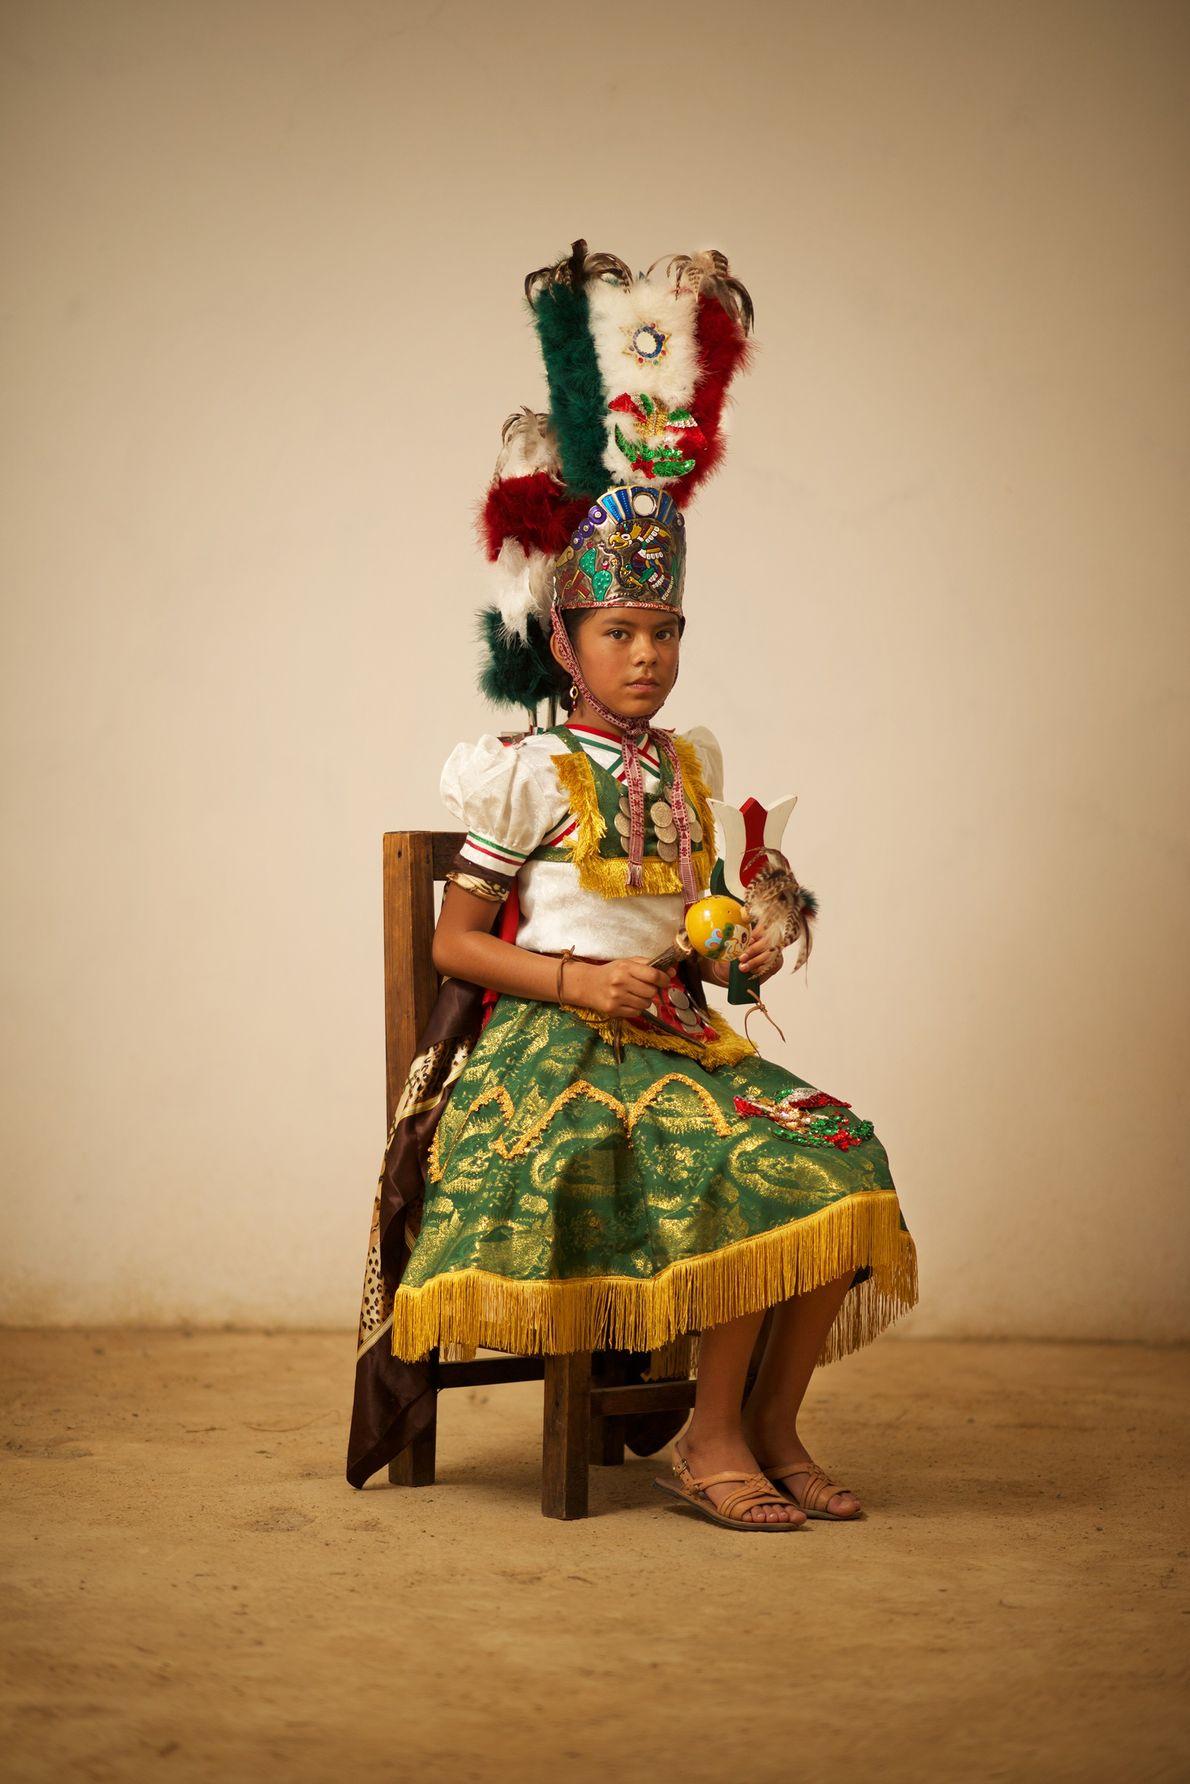 Ein Mädchen in der Rolle der Malinche, einer historischen Figur, die den Spaniern dabei half, mit ...